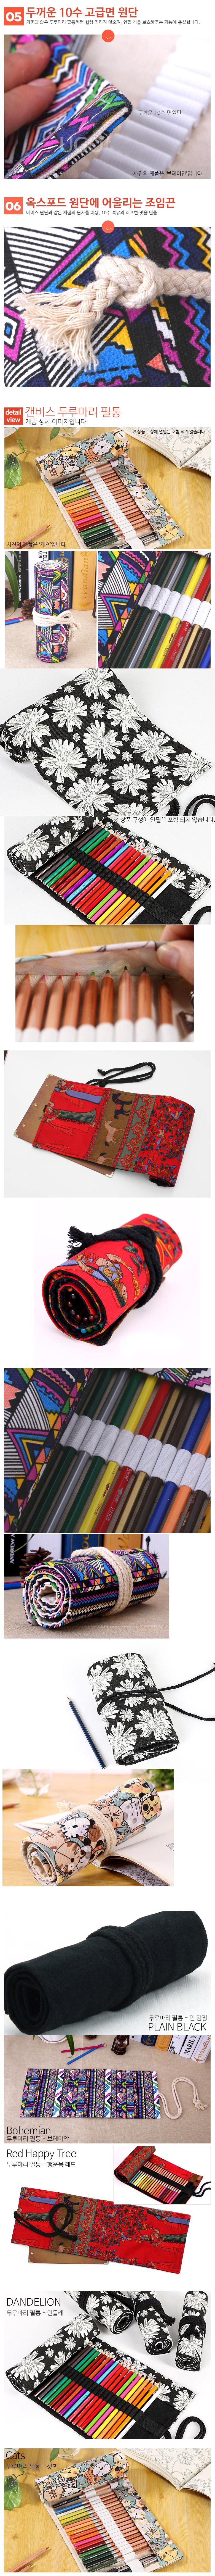 캔버스 두루마리 필통 36색용 - 유바오, 6,800원, 패브릭필통, 패턴